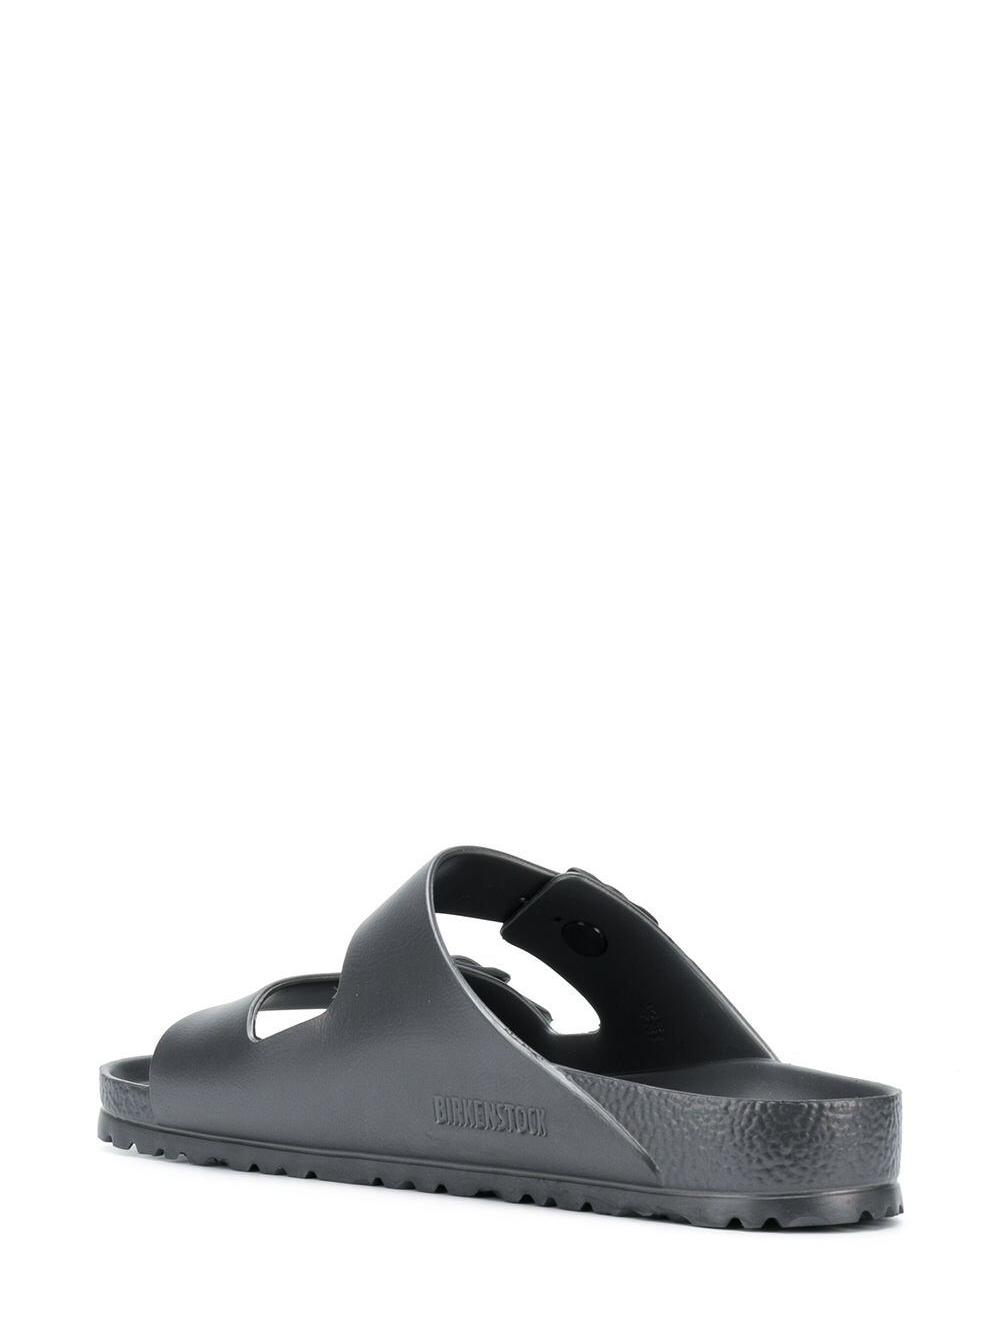 Birkenstock arizona eva sandals man black BIRKENSTOCK | Sandals | 1001497ANTHRACITE